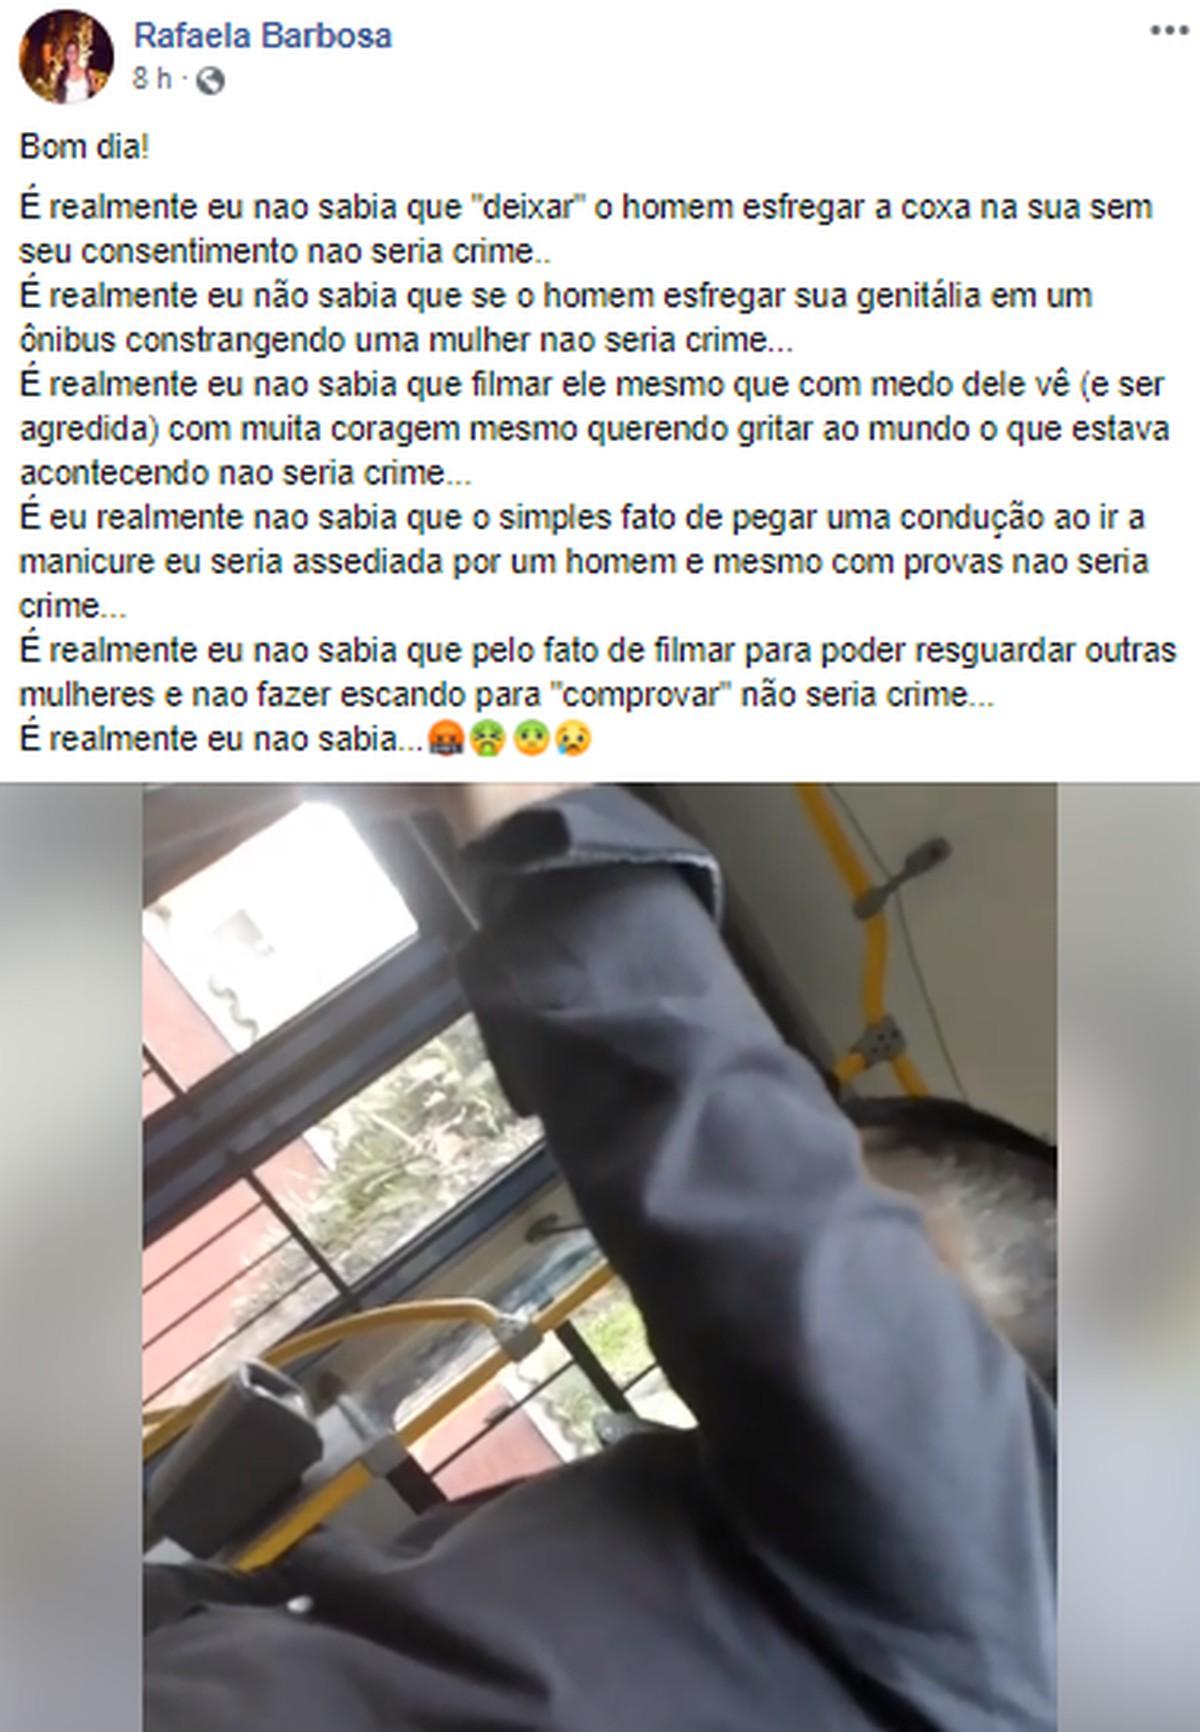 Mulher flagra homem tocando partes íntimas em ônibus e faz registro na delegacia: 'constrangedor' - G1